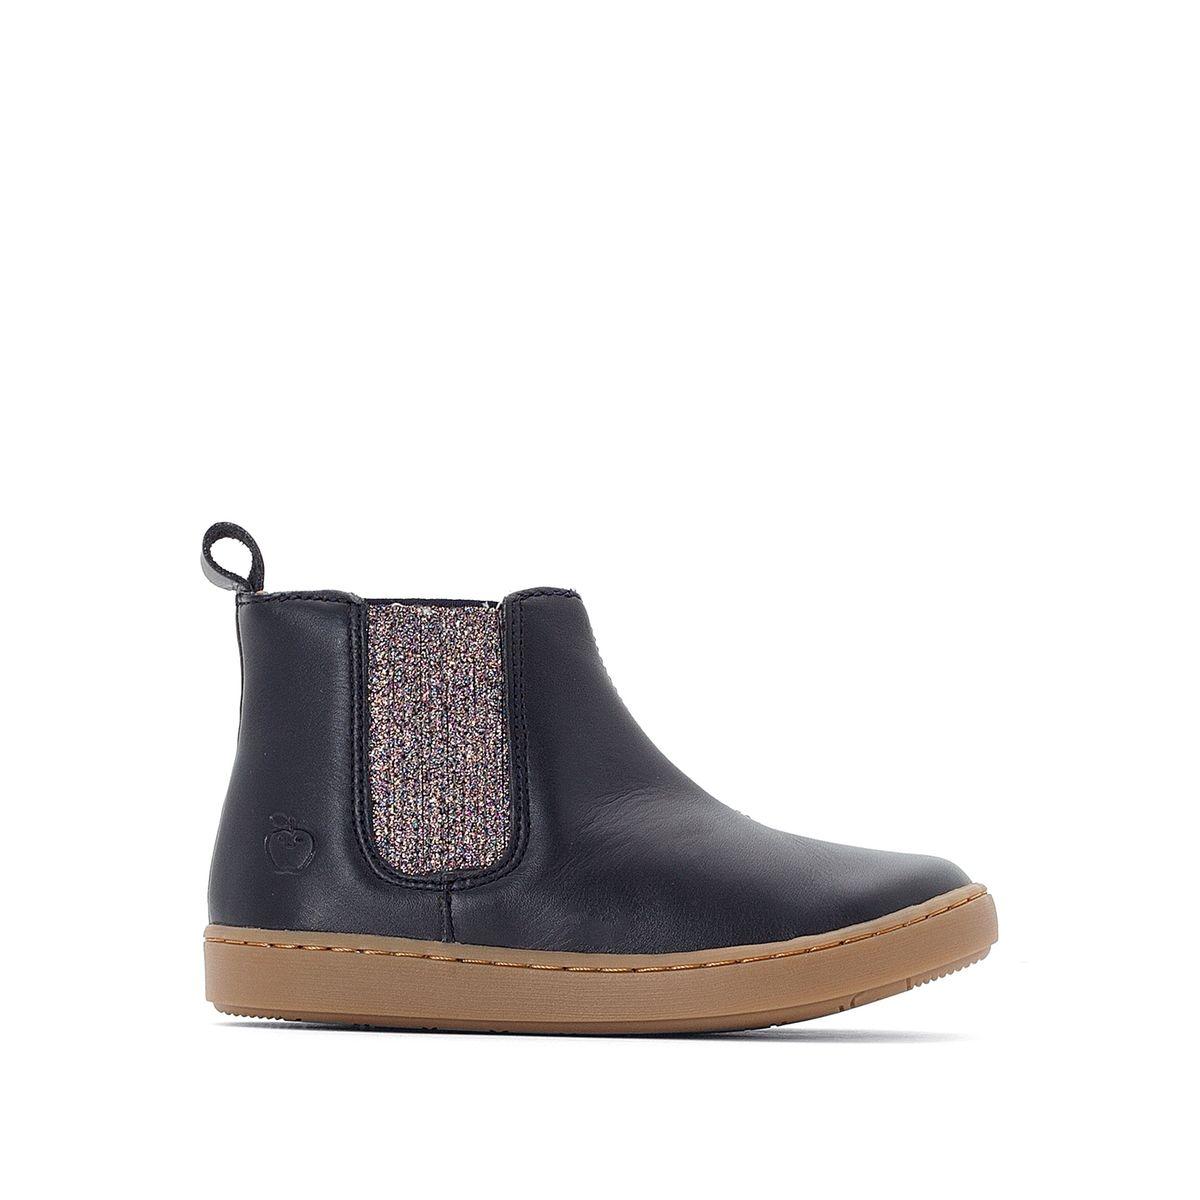 Boots cuir PLAY SHINE ELAST RITA/GLITTER